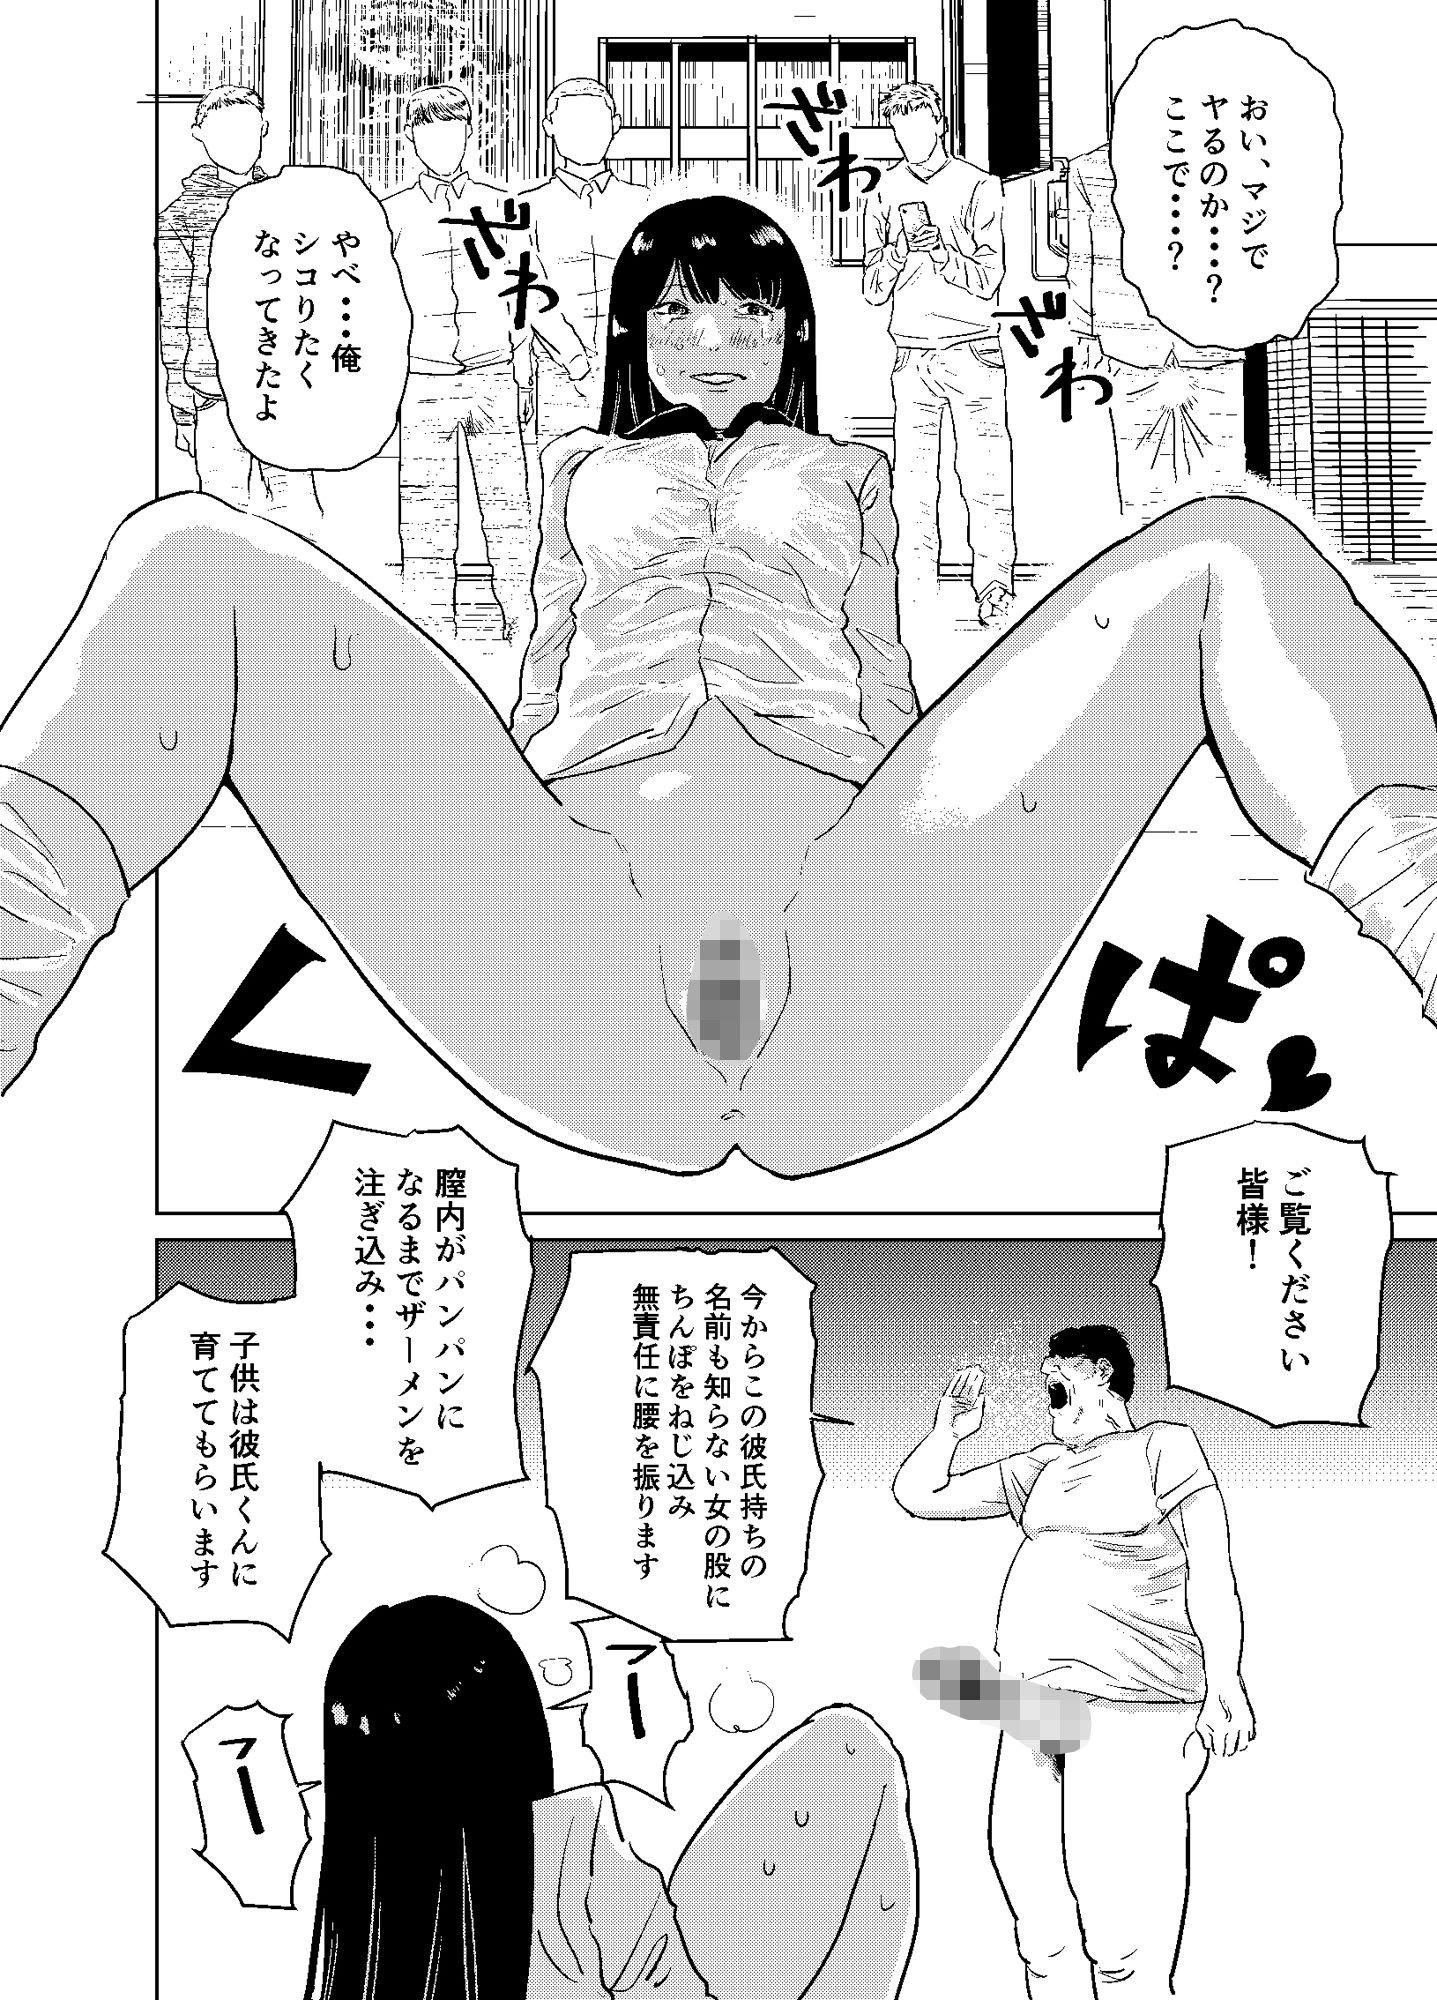 セックス大魔王2のサンプル画像6